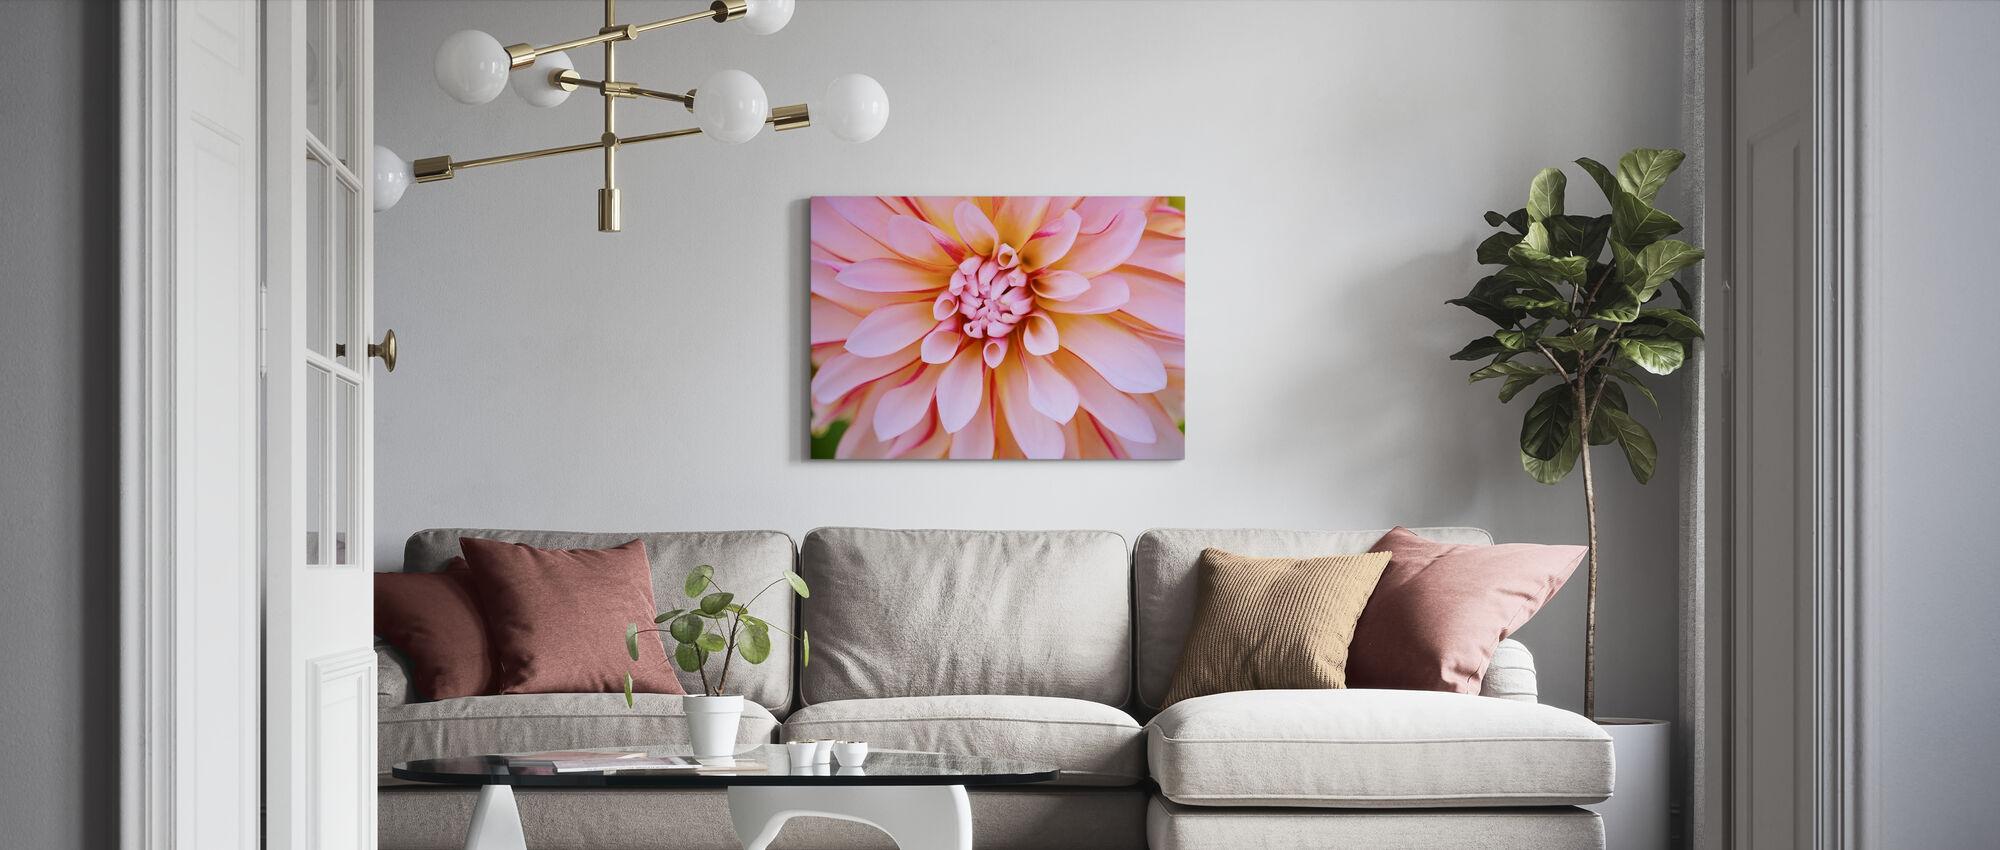 Valkoinen Oranssi Dahlia Kukka - Canvastaulu - Olohuone